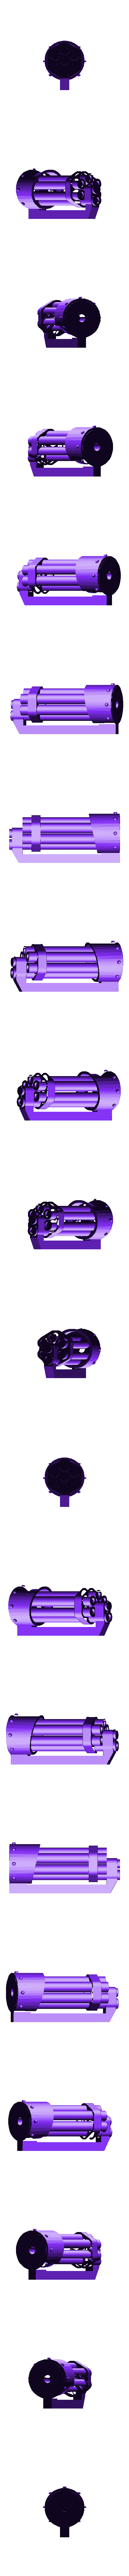 kheres_barrels.stl Download free STL file Robot Dread • 3D print template, Mazer